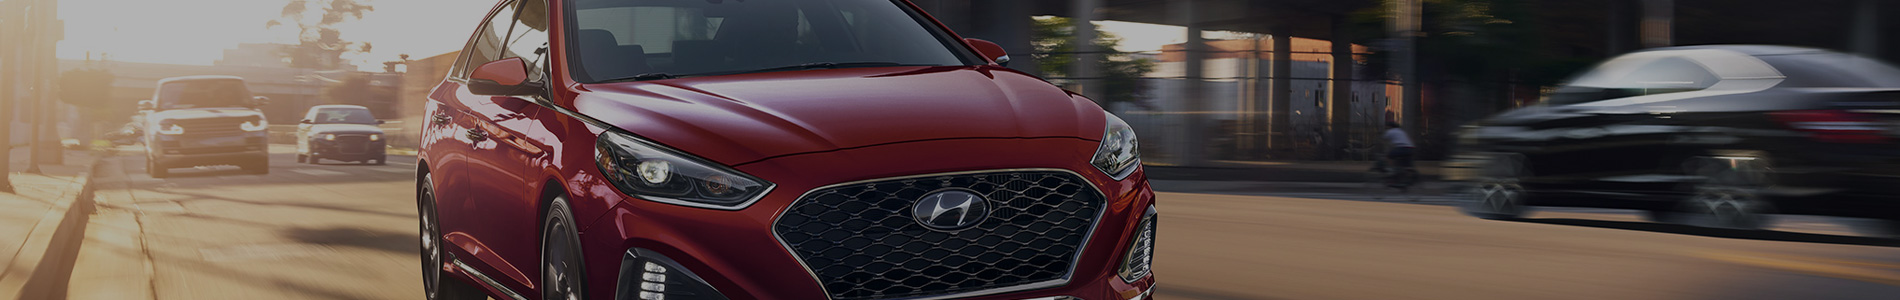 Hyundai Mapcare Customer Login